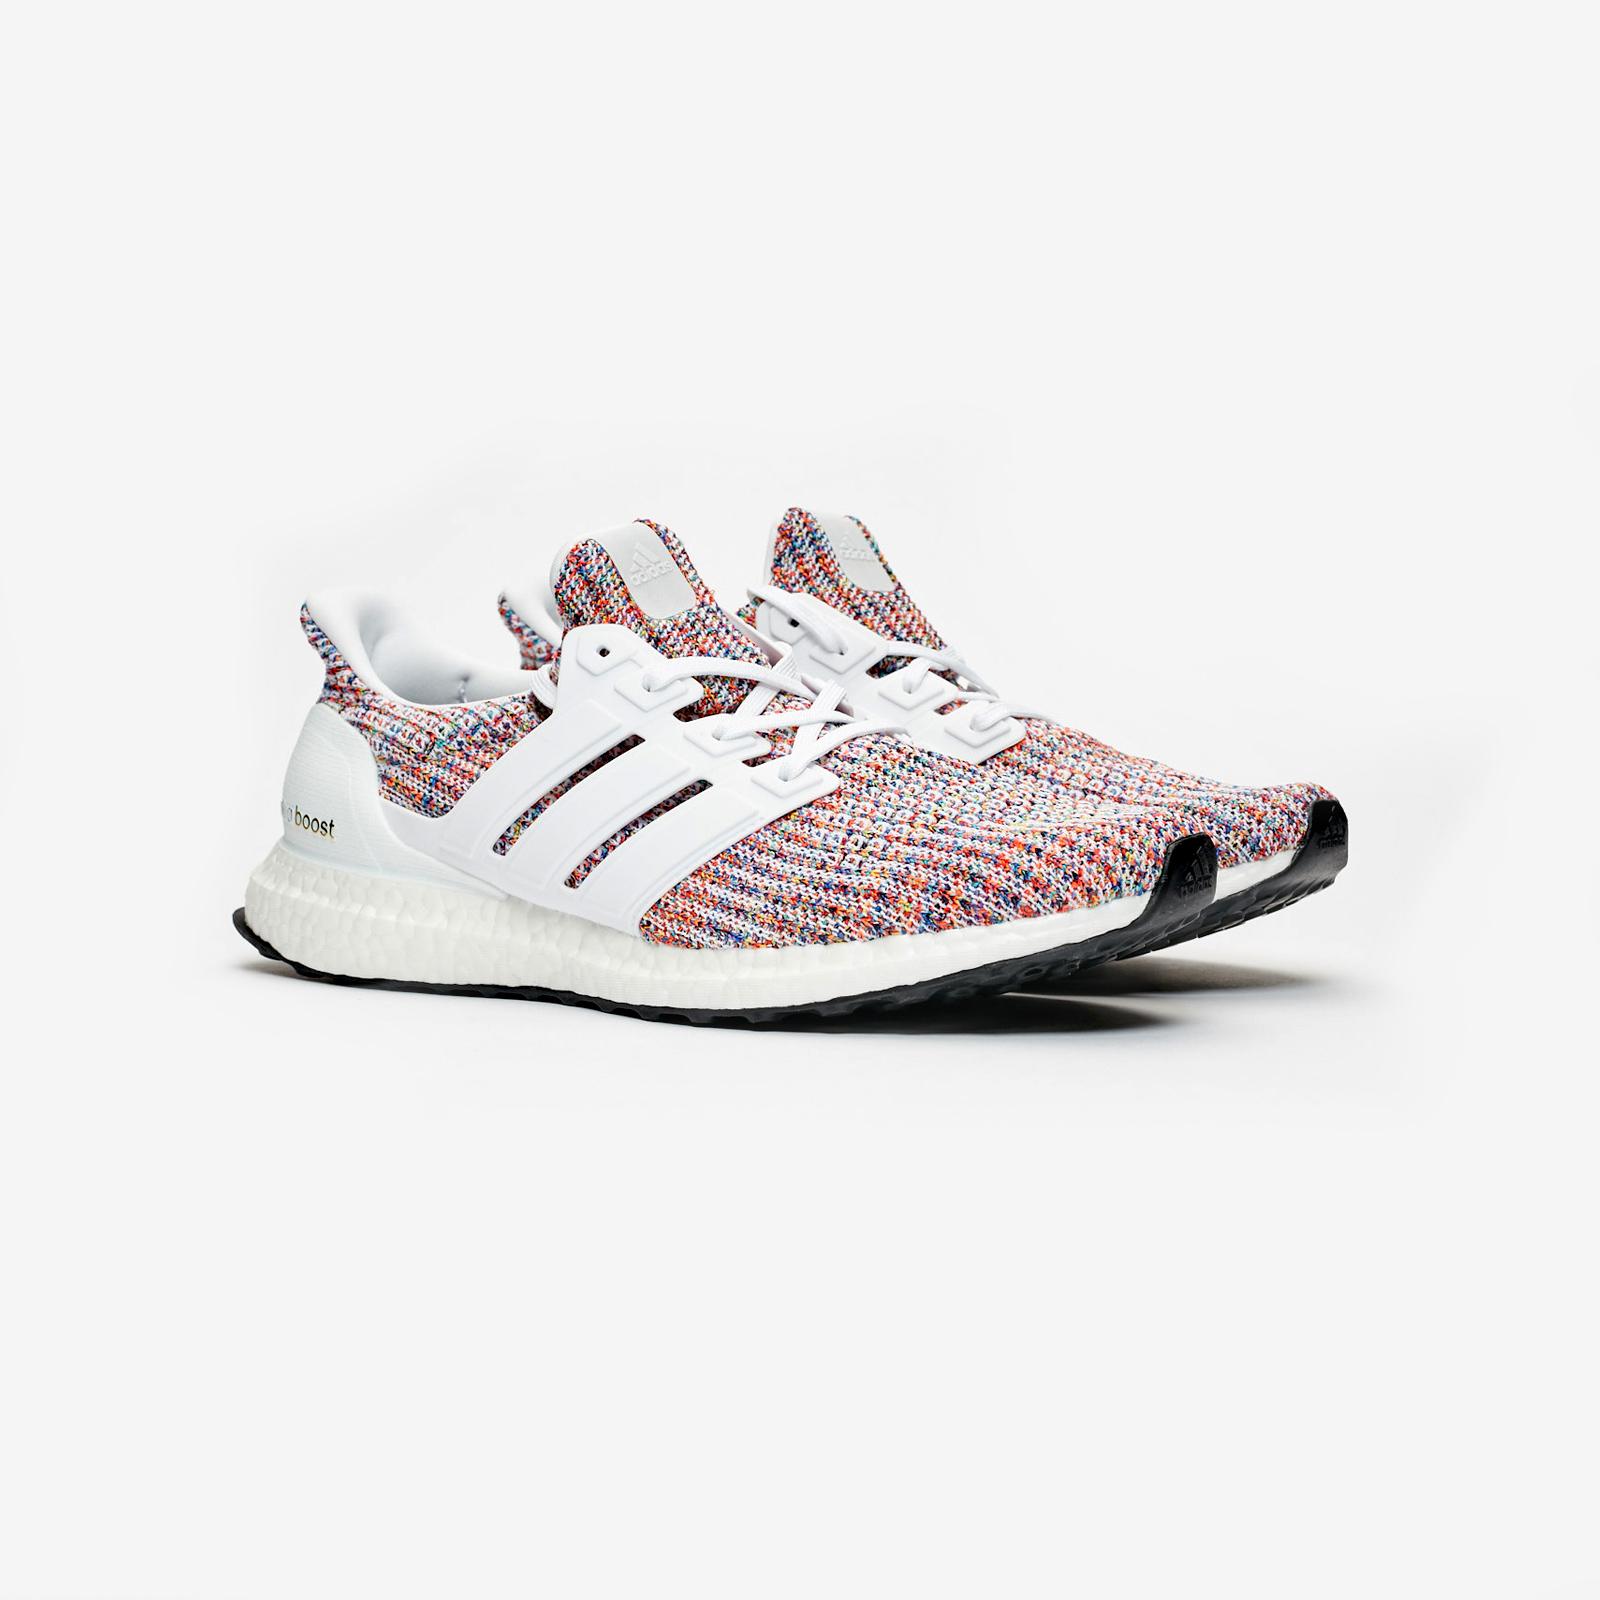 da1145d0965b0 adidas Ultraboost - Cm8111 - Sneakersnstuff